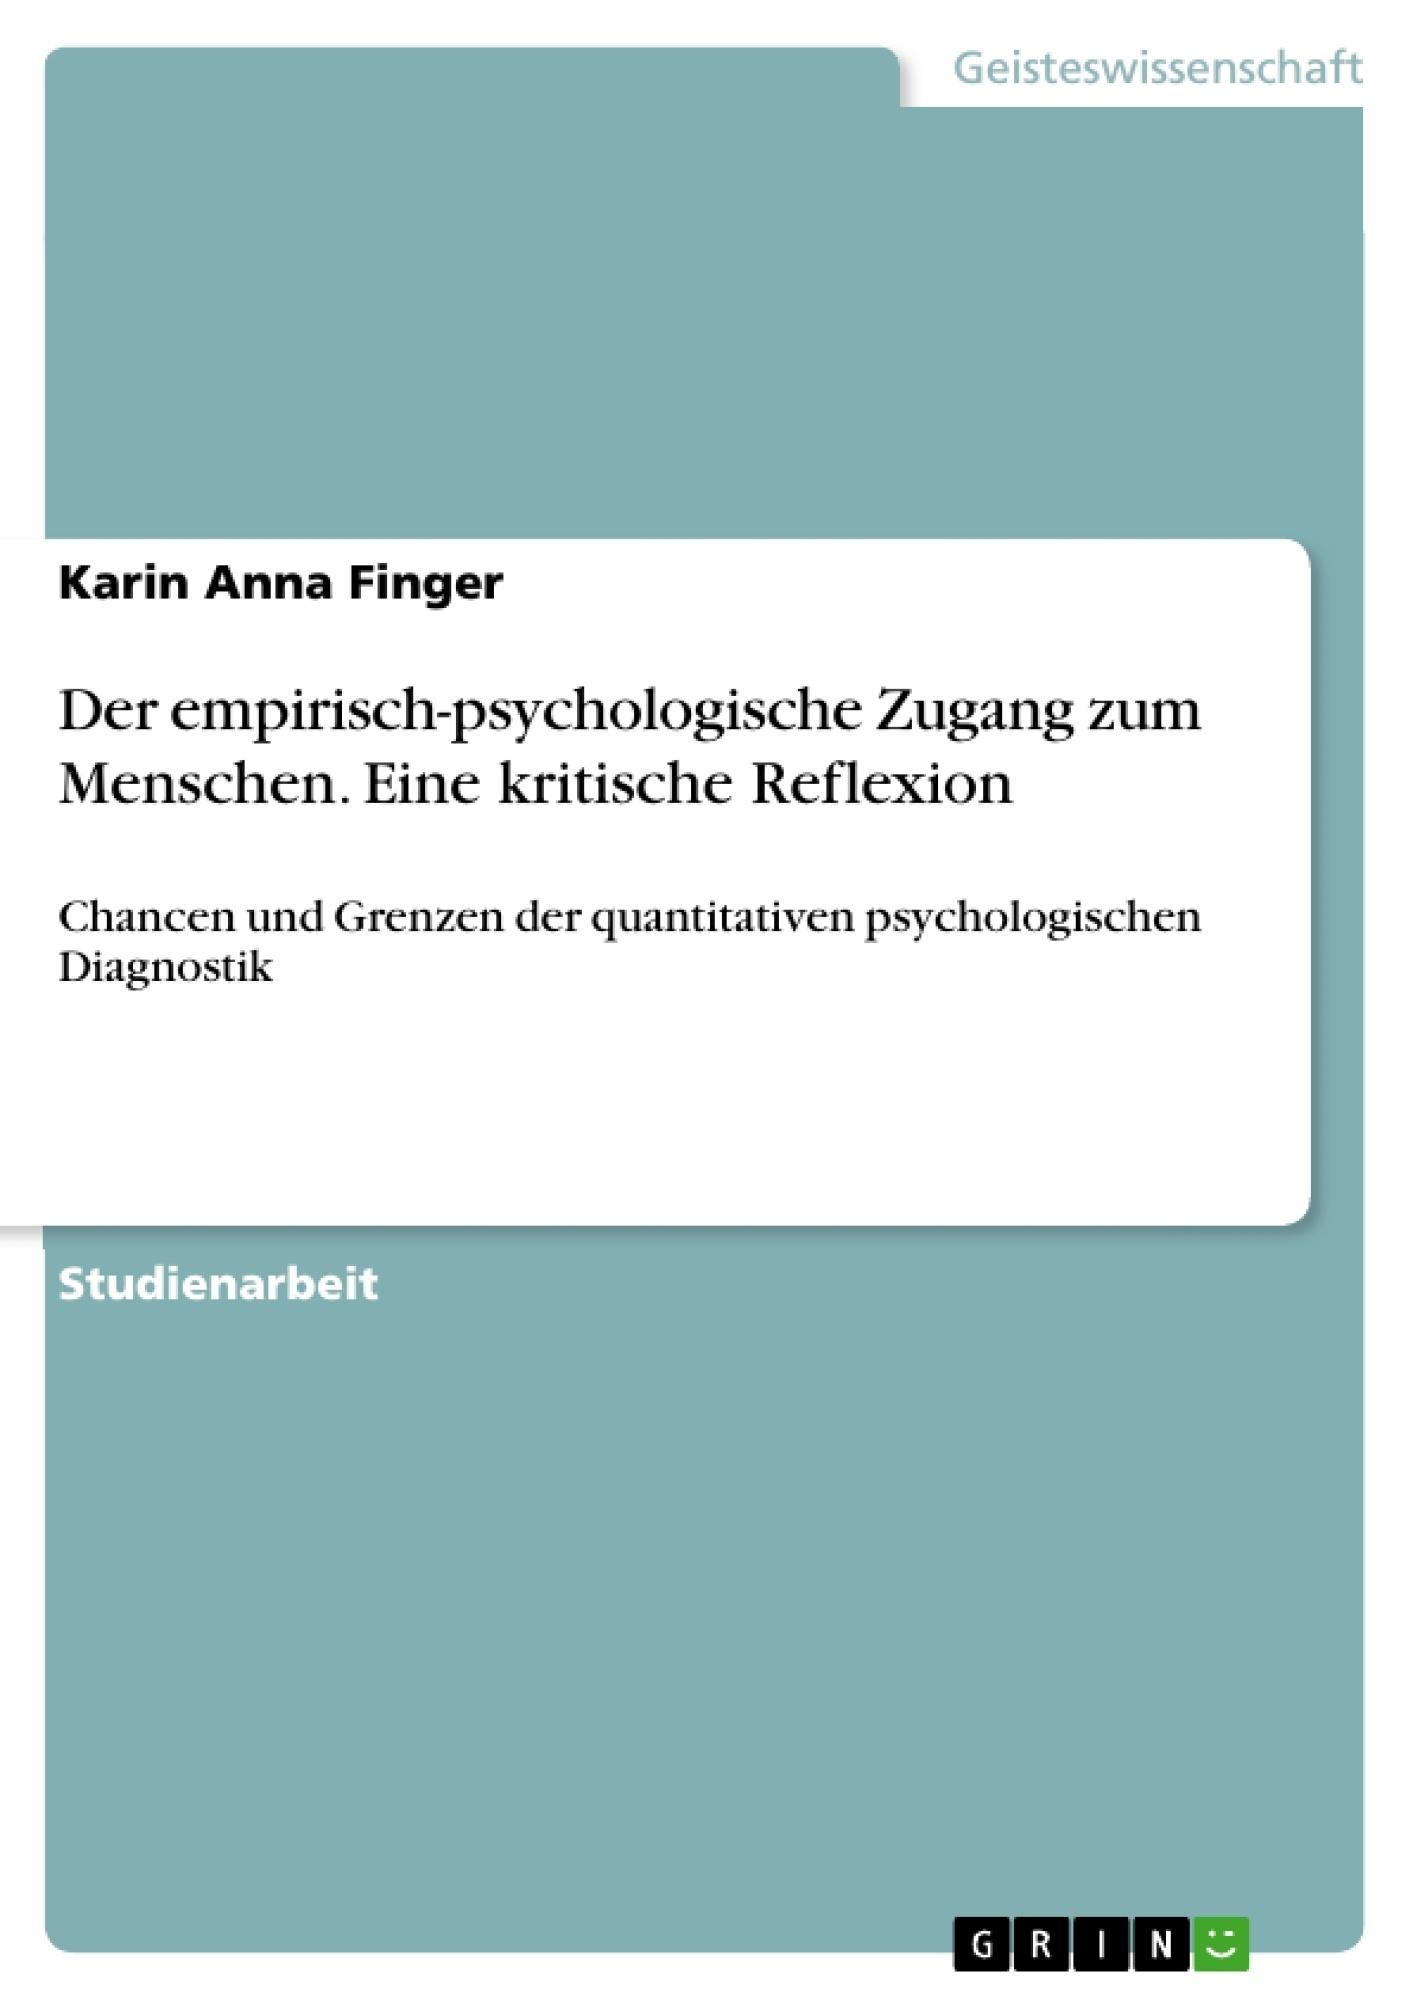 Titel: Der empirisch-psychologische Zugang zum Menschen. Eine kritische Reflexion